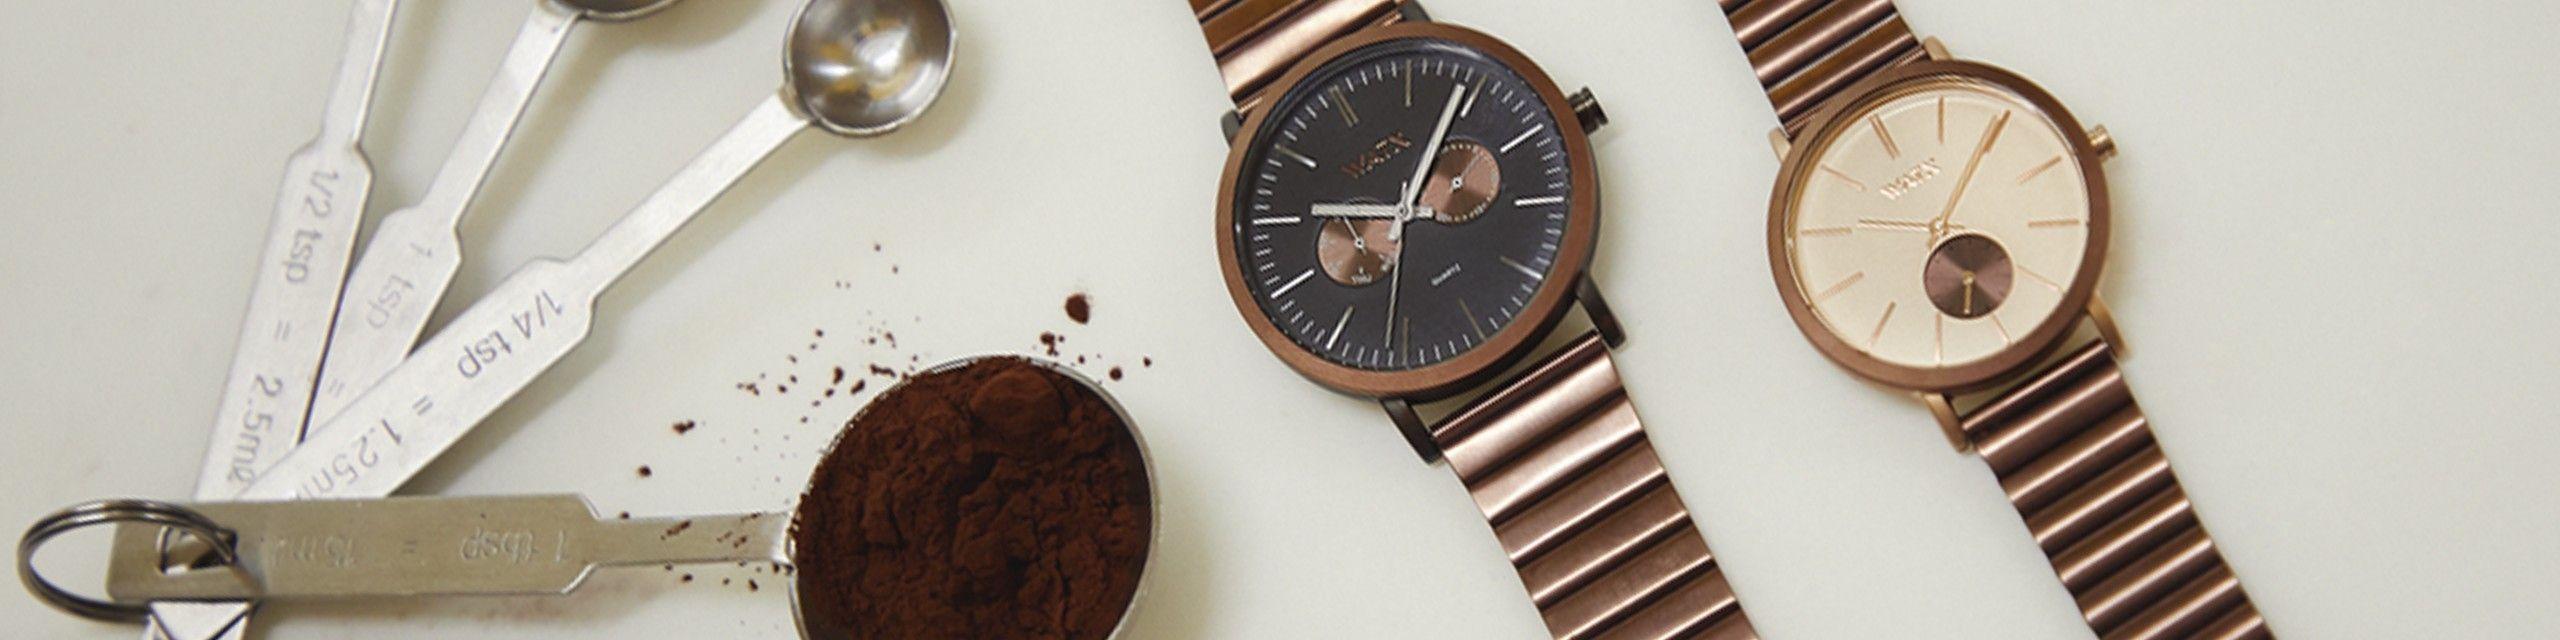 Correas de reloj elegantes para momentos especiales - Watx España